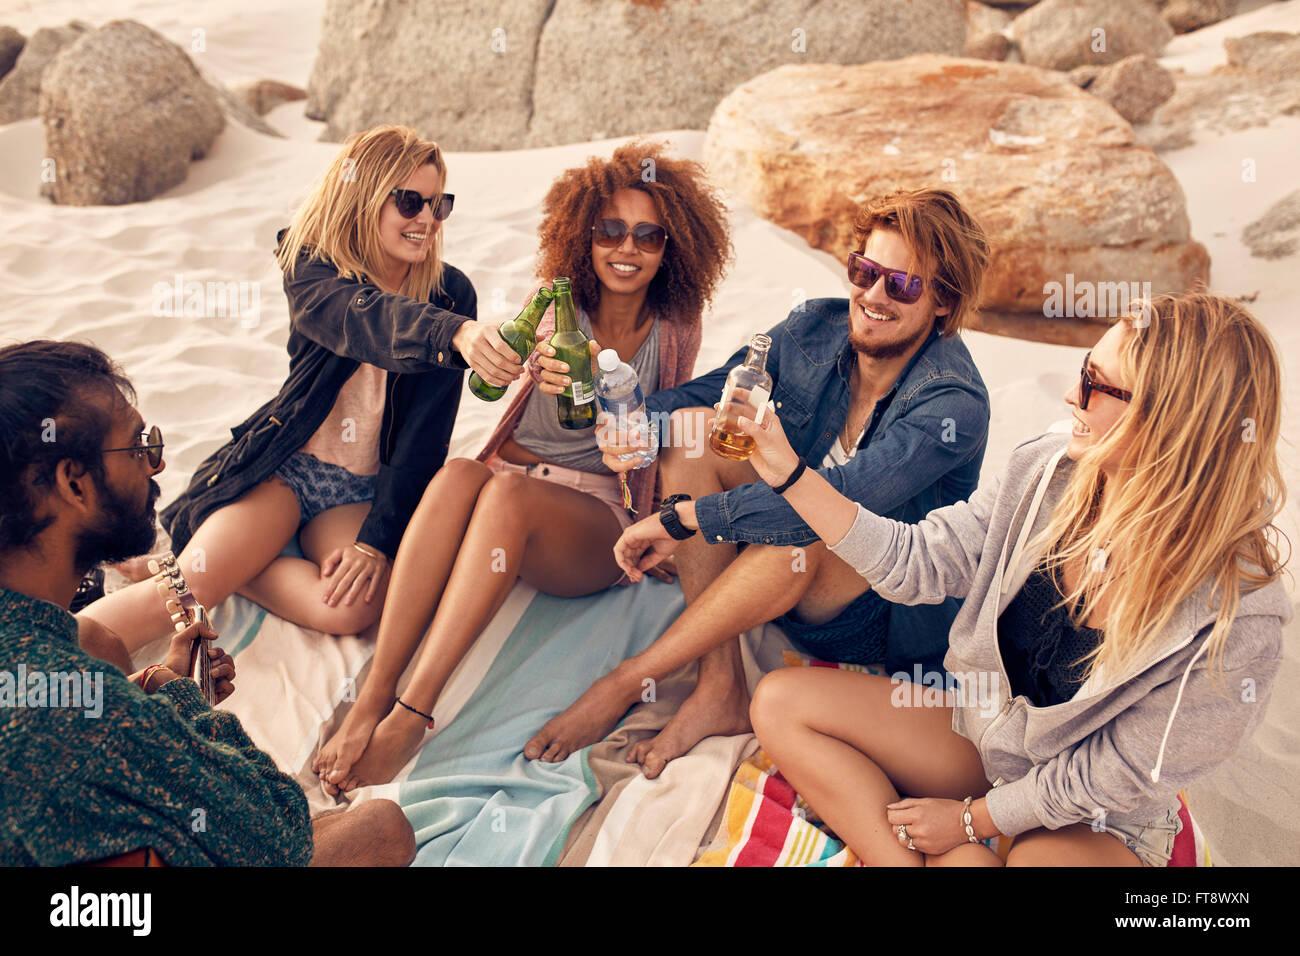 Un gruppo di giovani birre di tostatura mentre è seduto sulla spiaggia. Razza mista amici celebrando con bevande Immagini Stock